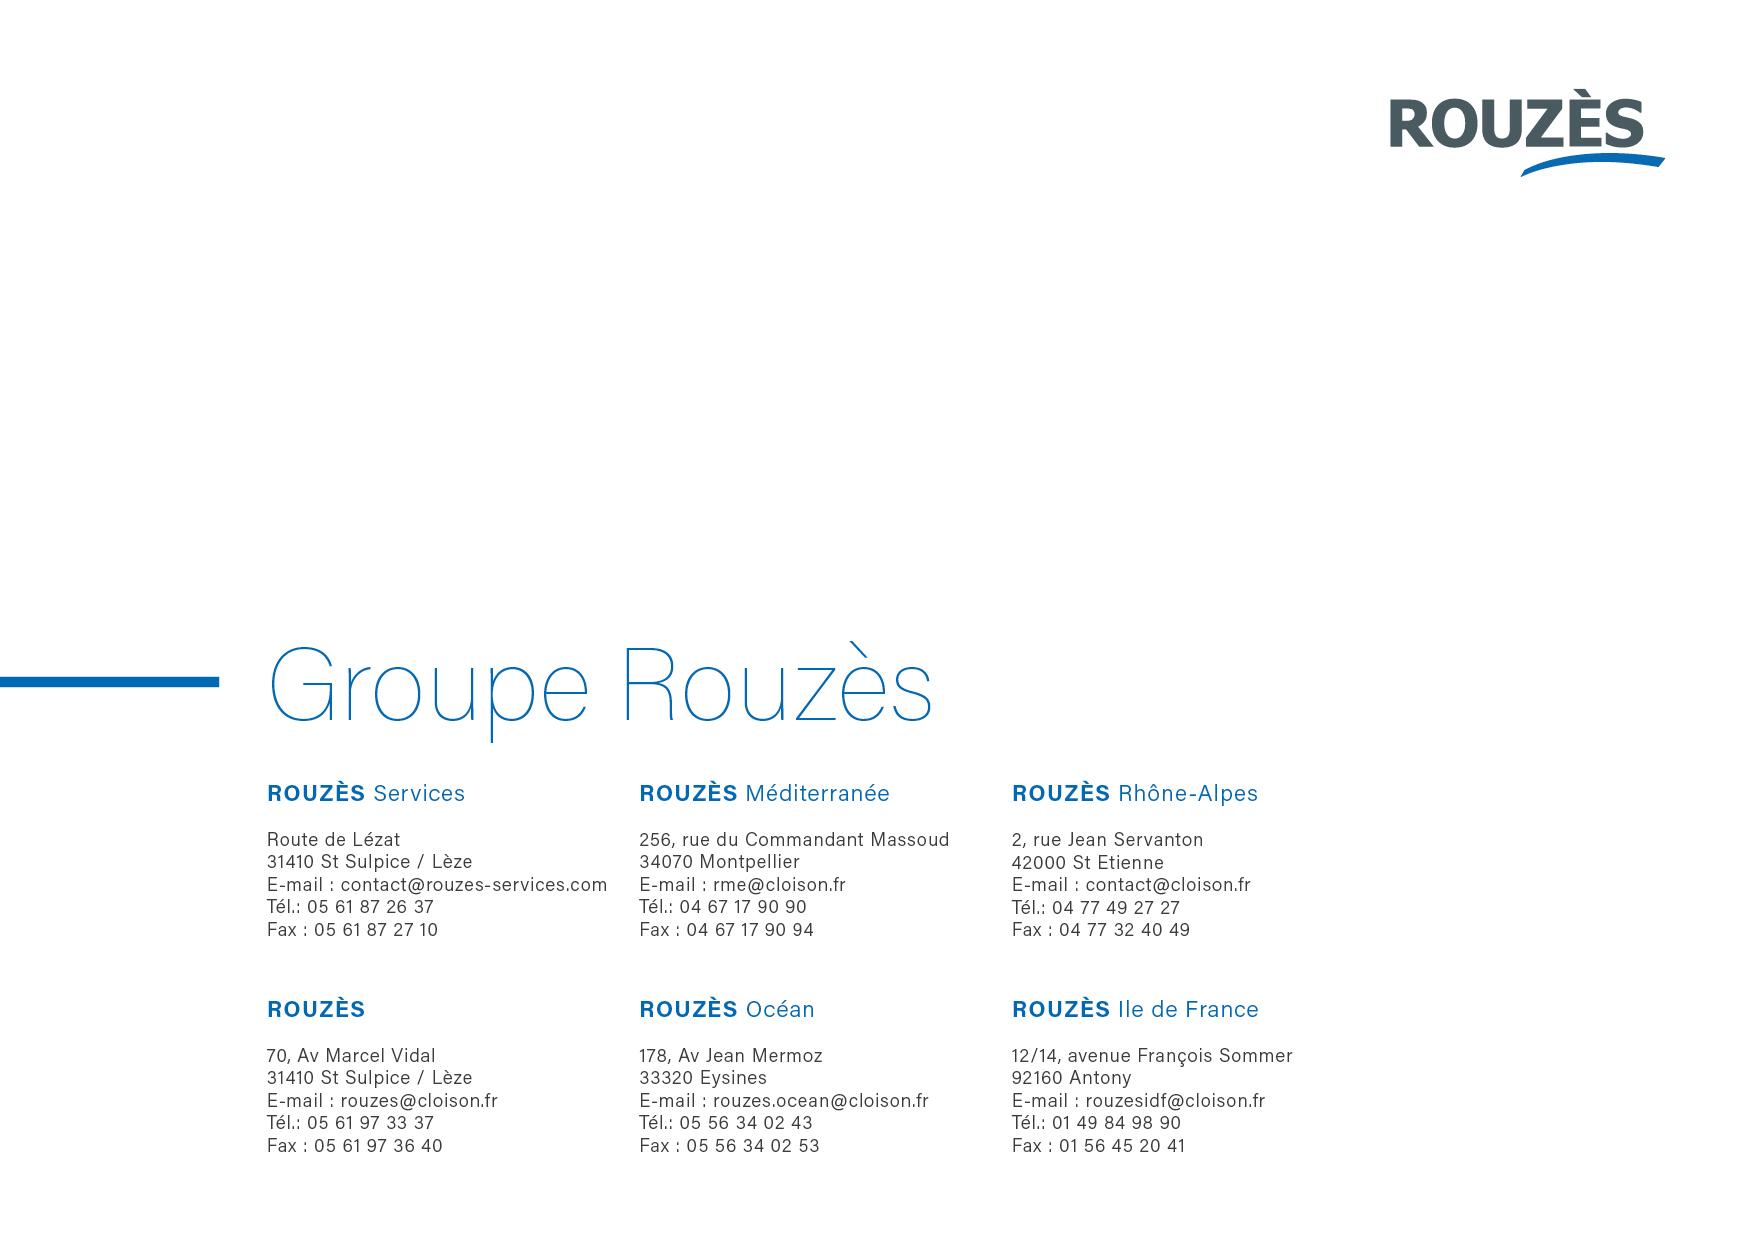 book-rouzes24